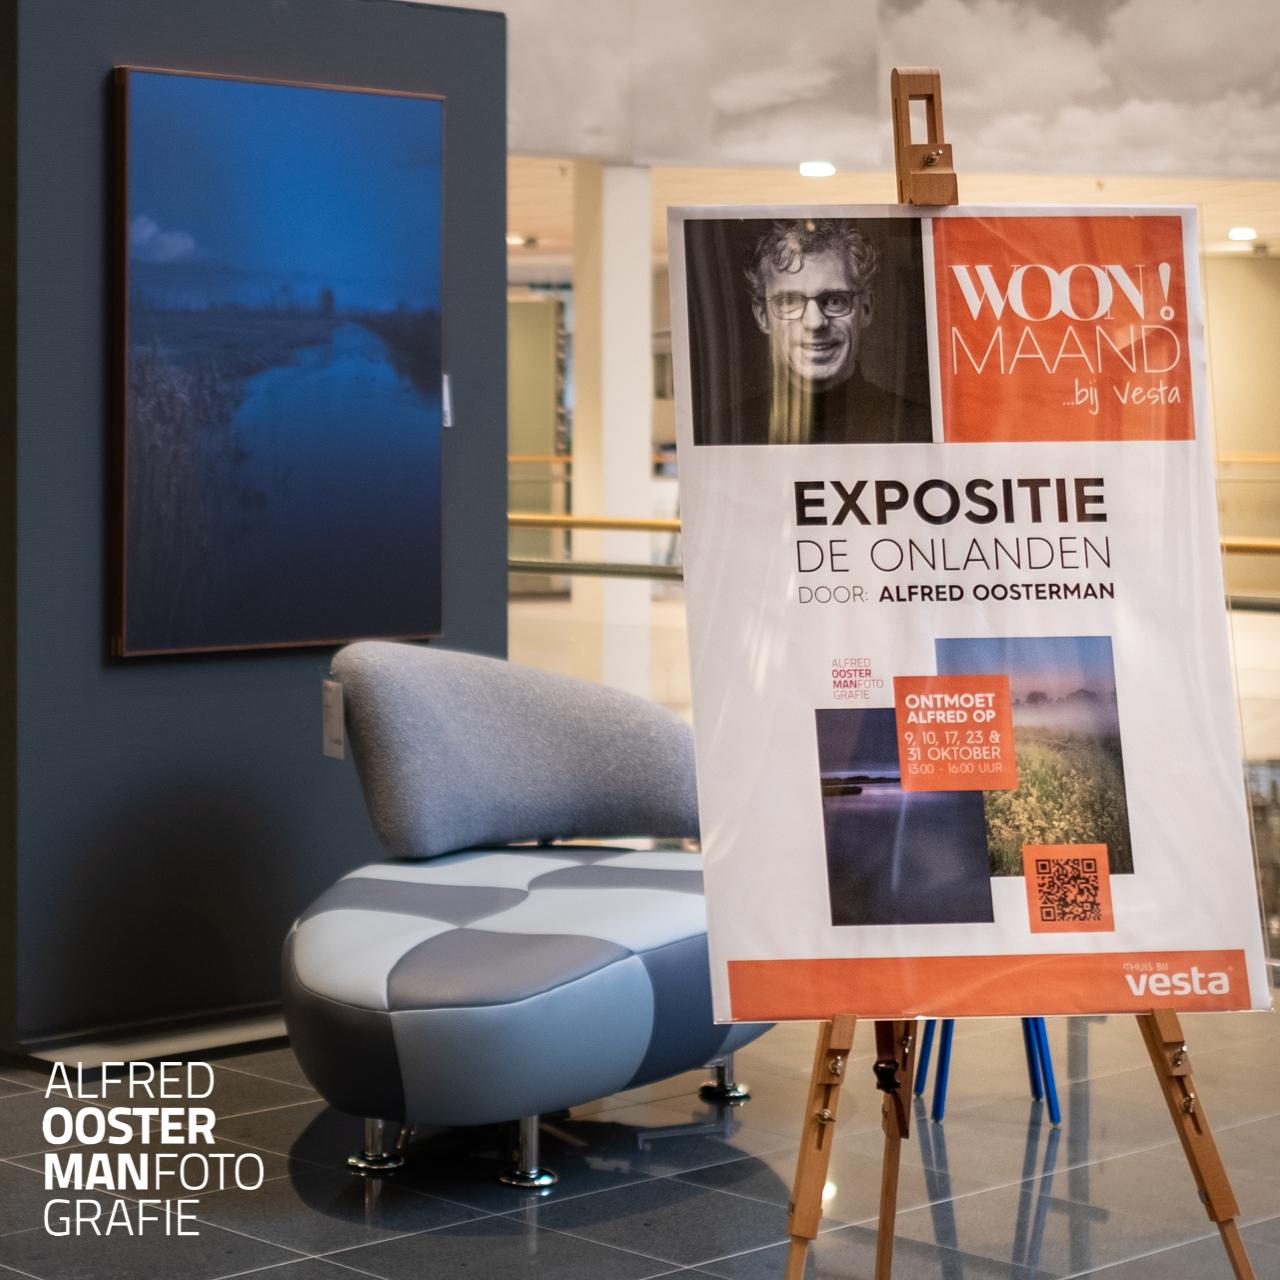 Gedurende de maand oktober is er bij Vesta Woonforum een expositie te zien met fotografie van Alfred Oosterman. In de expositie zijn beelden te zien uit de serie 'de Onlanden'. Alfred Oosterman heeft in de vroege ochtend beeld gemaakt waarin hij zijn eigen visie op dit bijzonder natuurgebied laat zien. De expositie duurt tot en met 31 oktober 2021